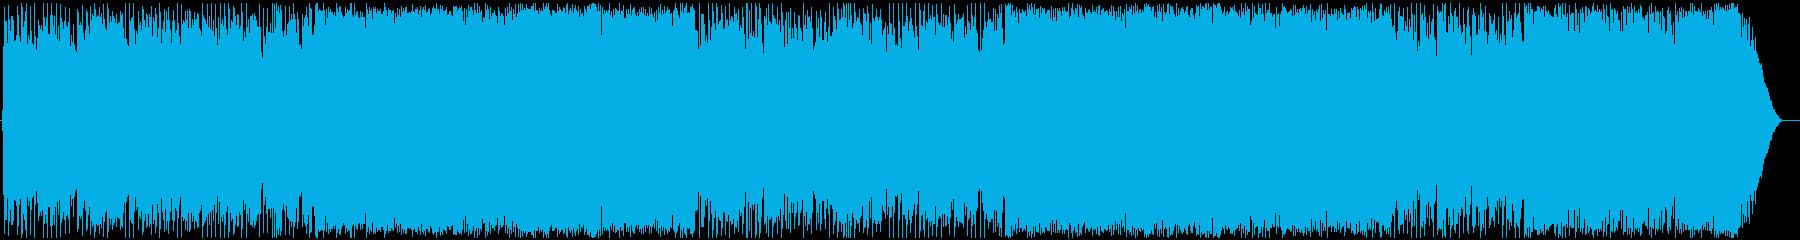 壮大な疾走感!洋楽風かっこいいロック激しの再生済みの波形